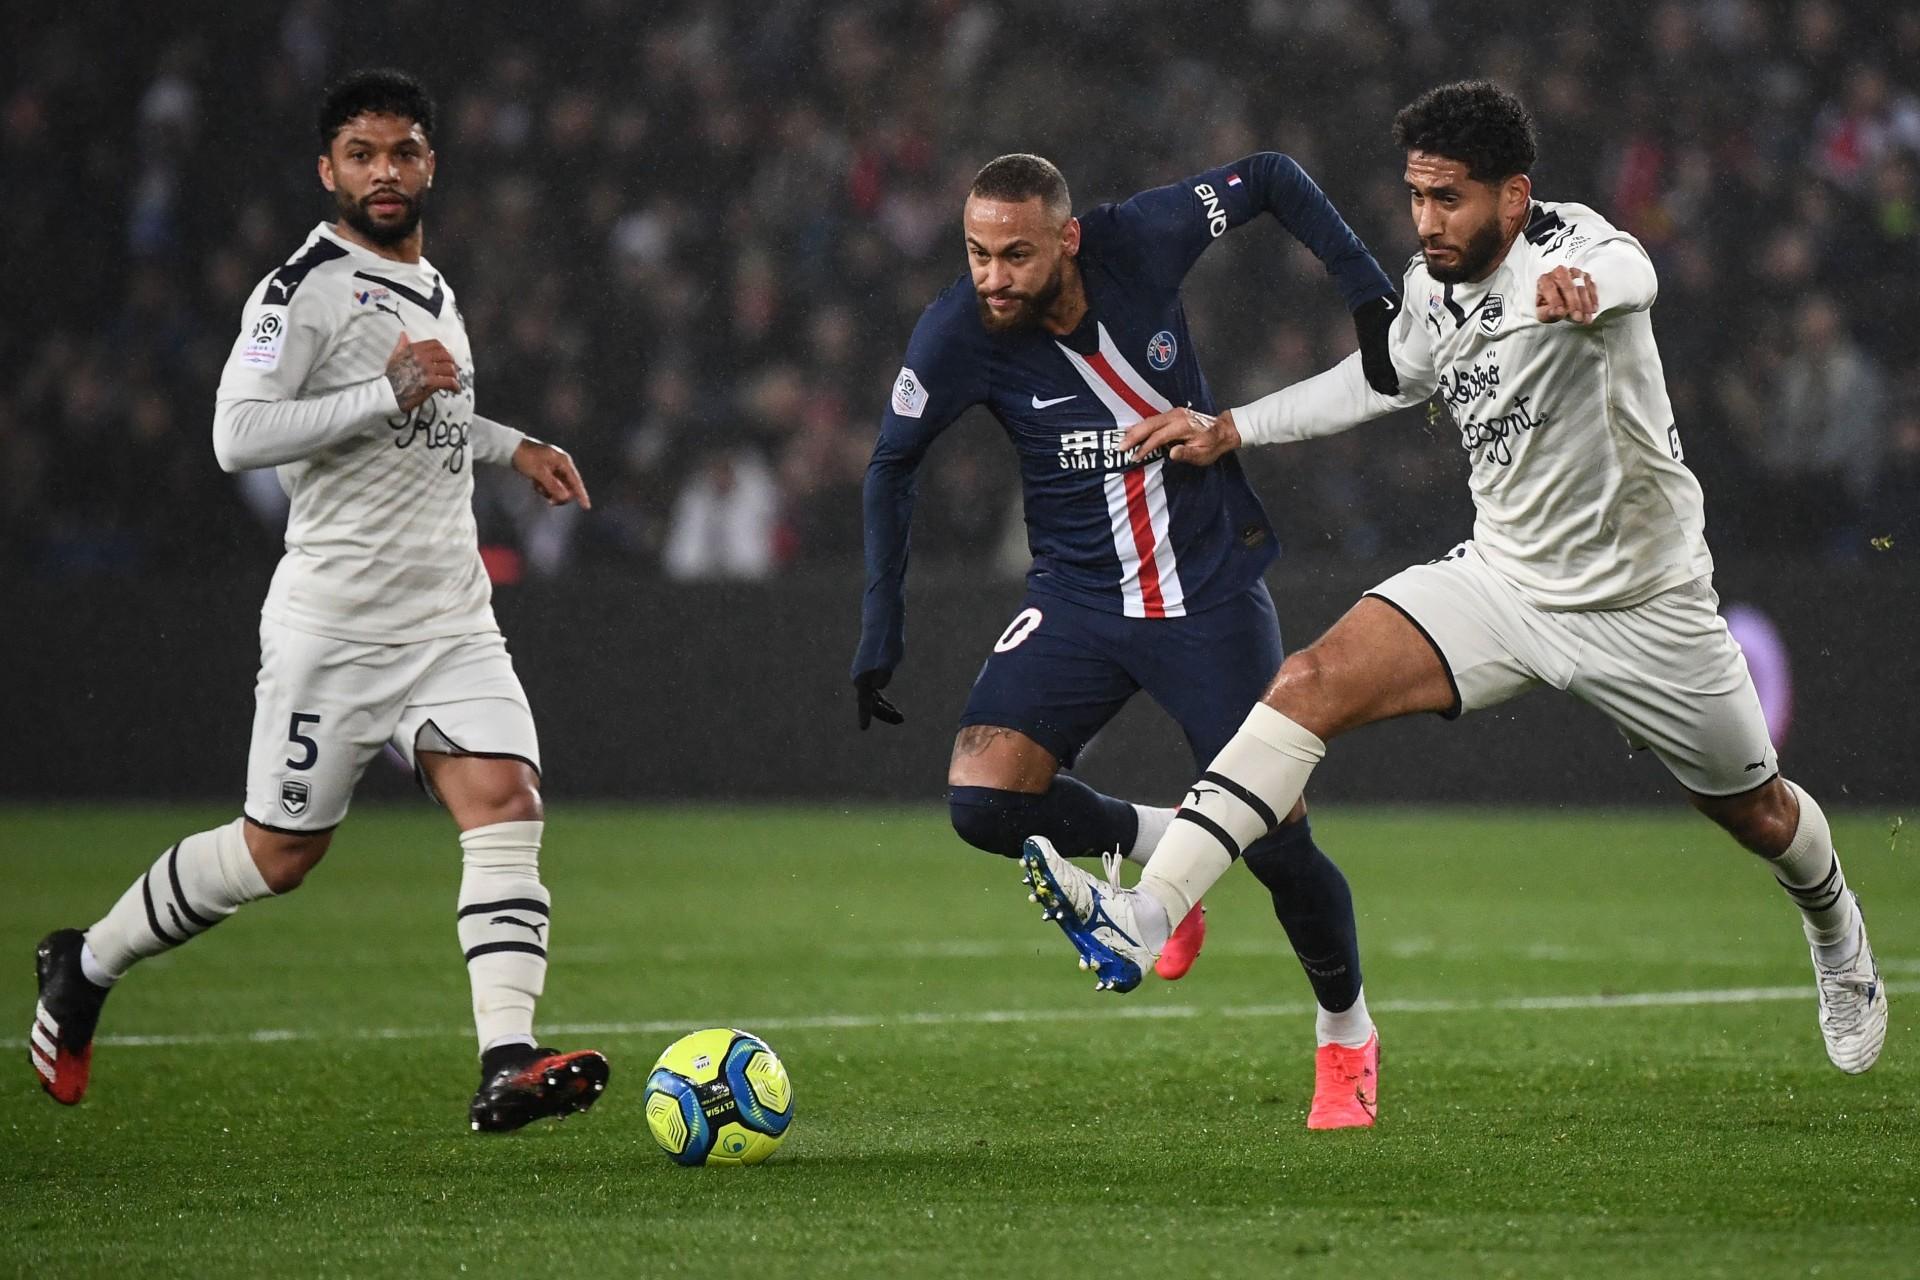 PSG-Bordeaux (4-3) - Le PSG s'en sort contre Bordeaux